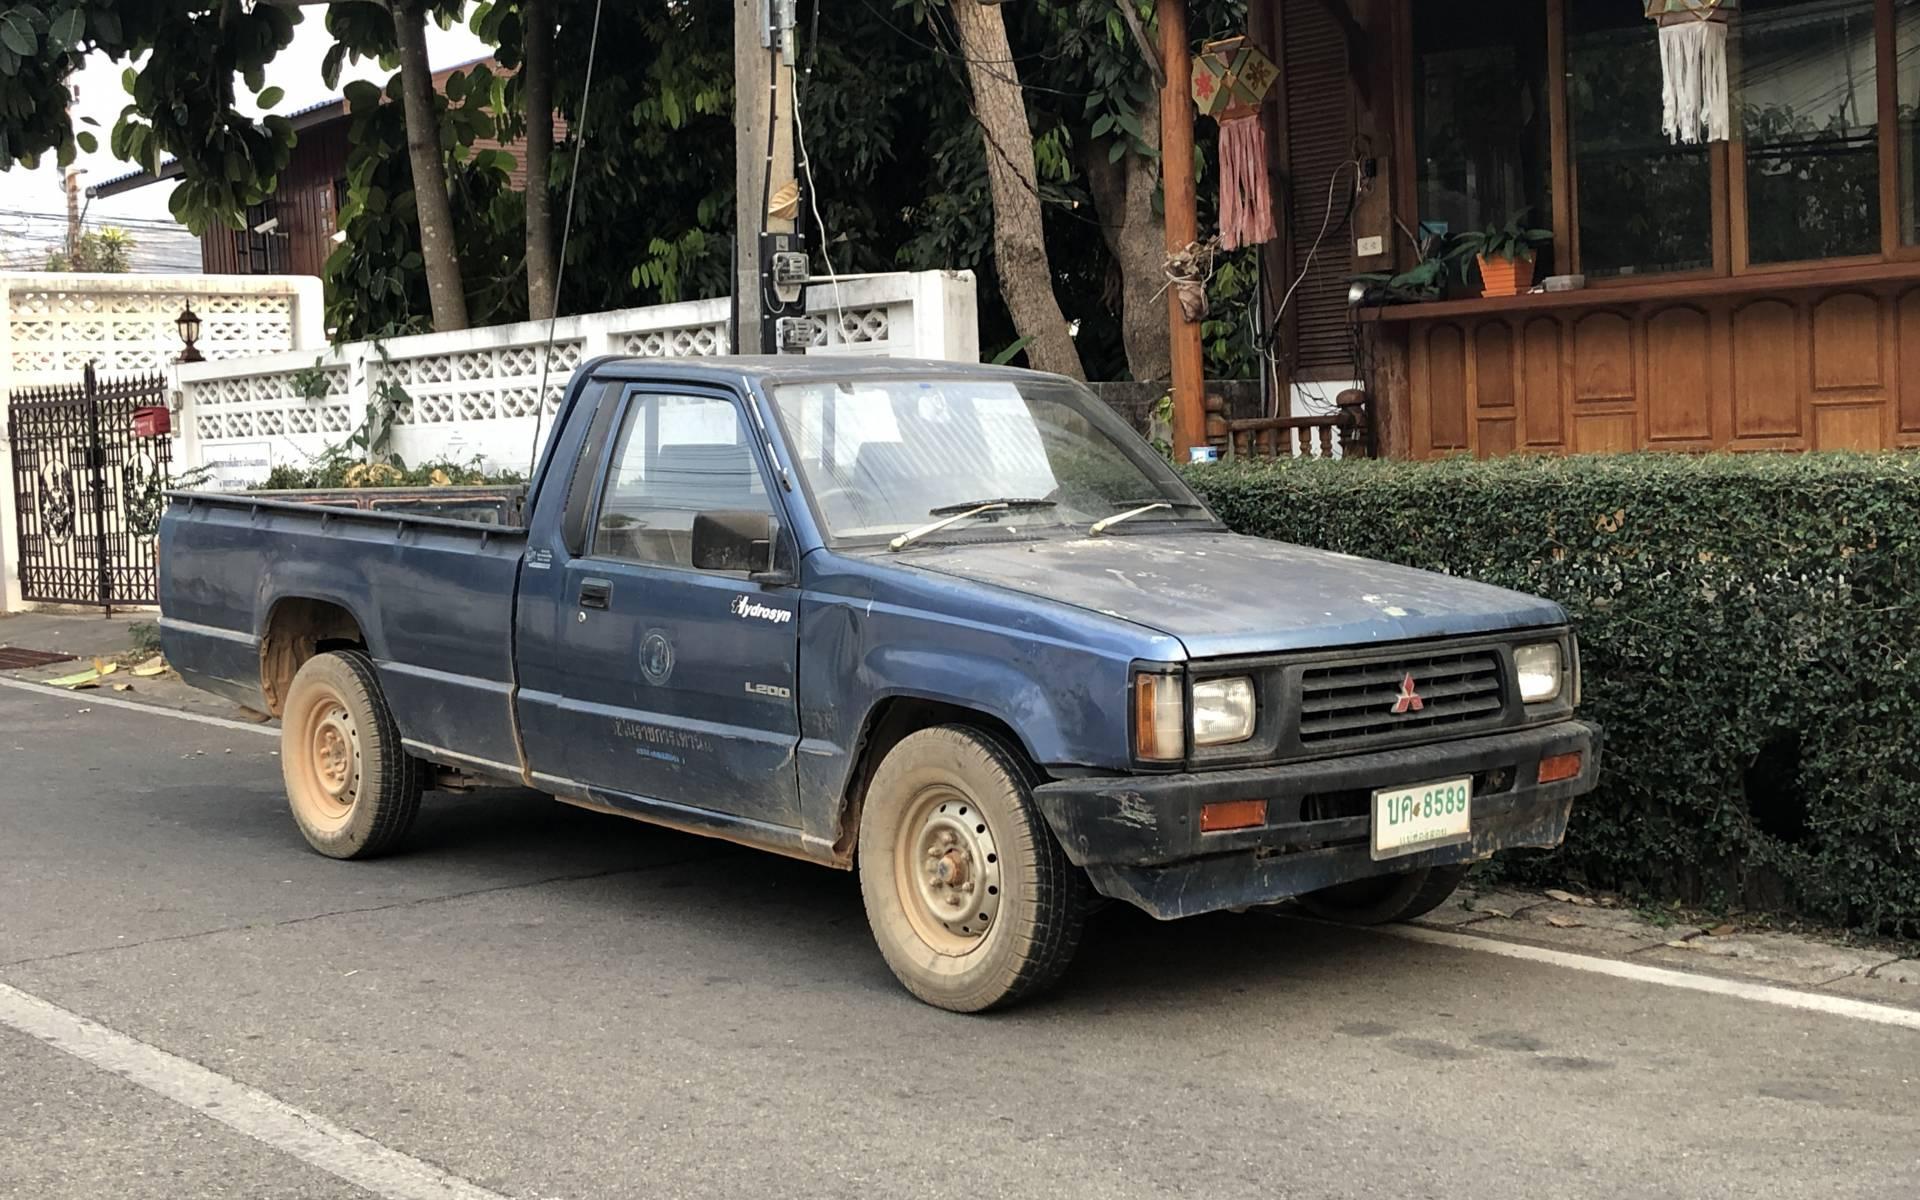 <p><strong>Mitsubishi L200</strong></p>